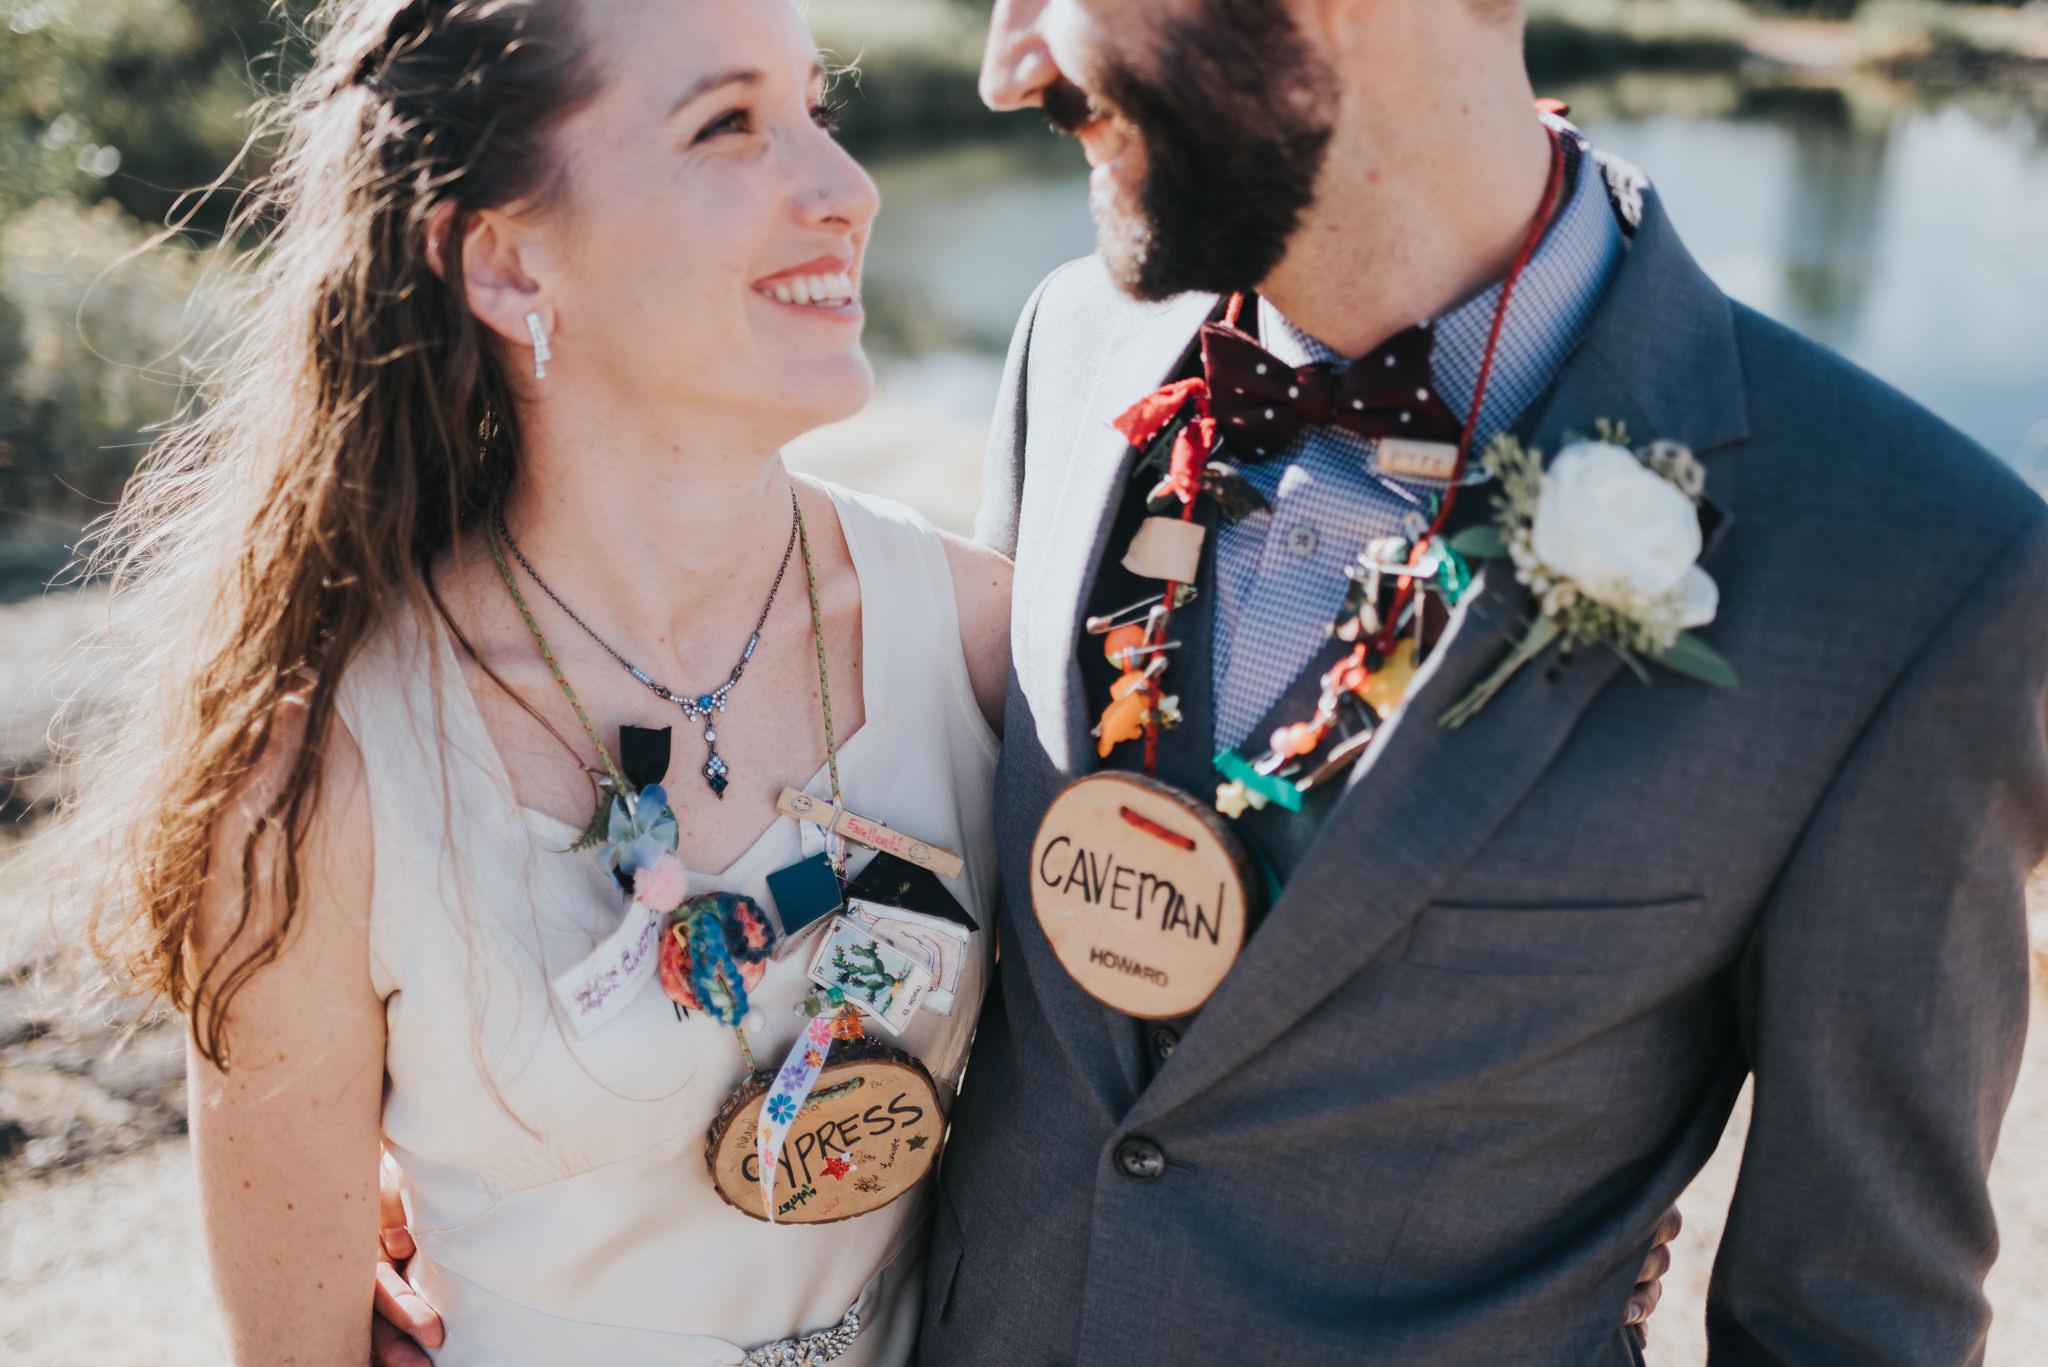 Columbia Gorge Discovery Center Wedding Photography | Kai Hayashi Photography